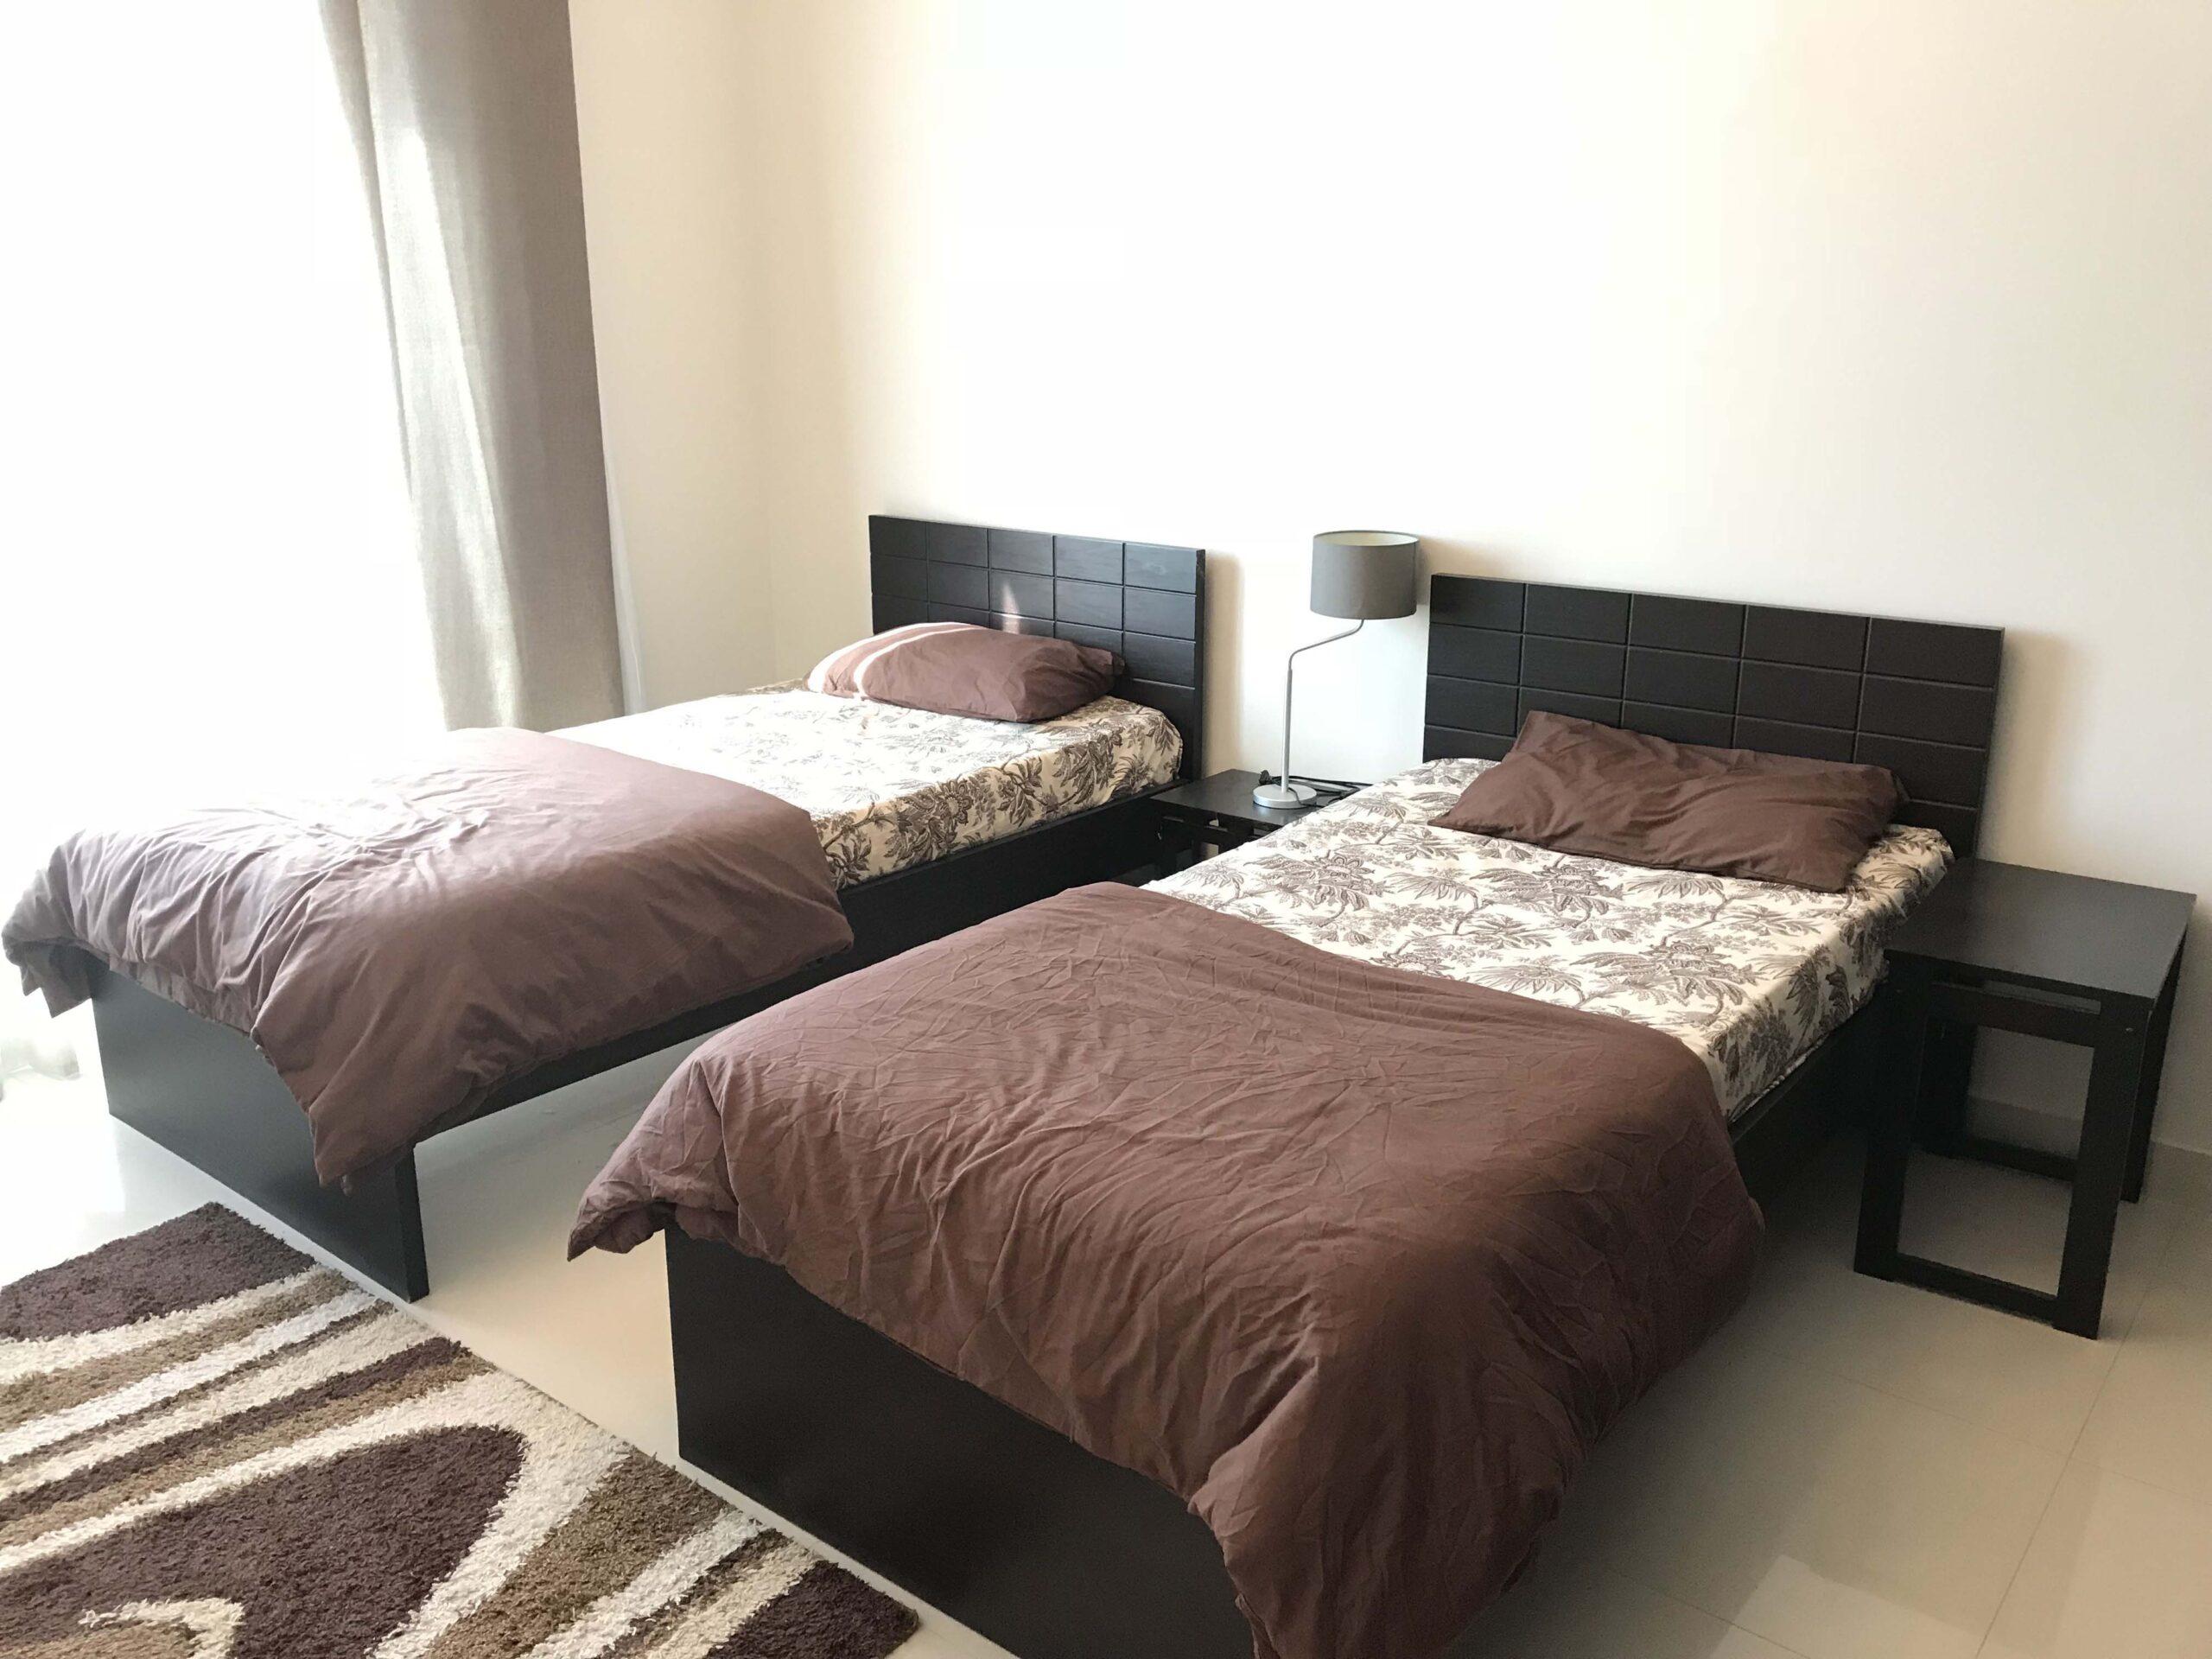 للإيجار شقة سكنية مفروشة كامل بمنطقة بو غزال